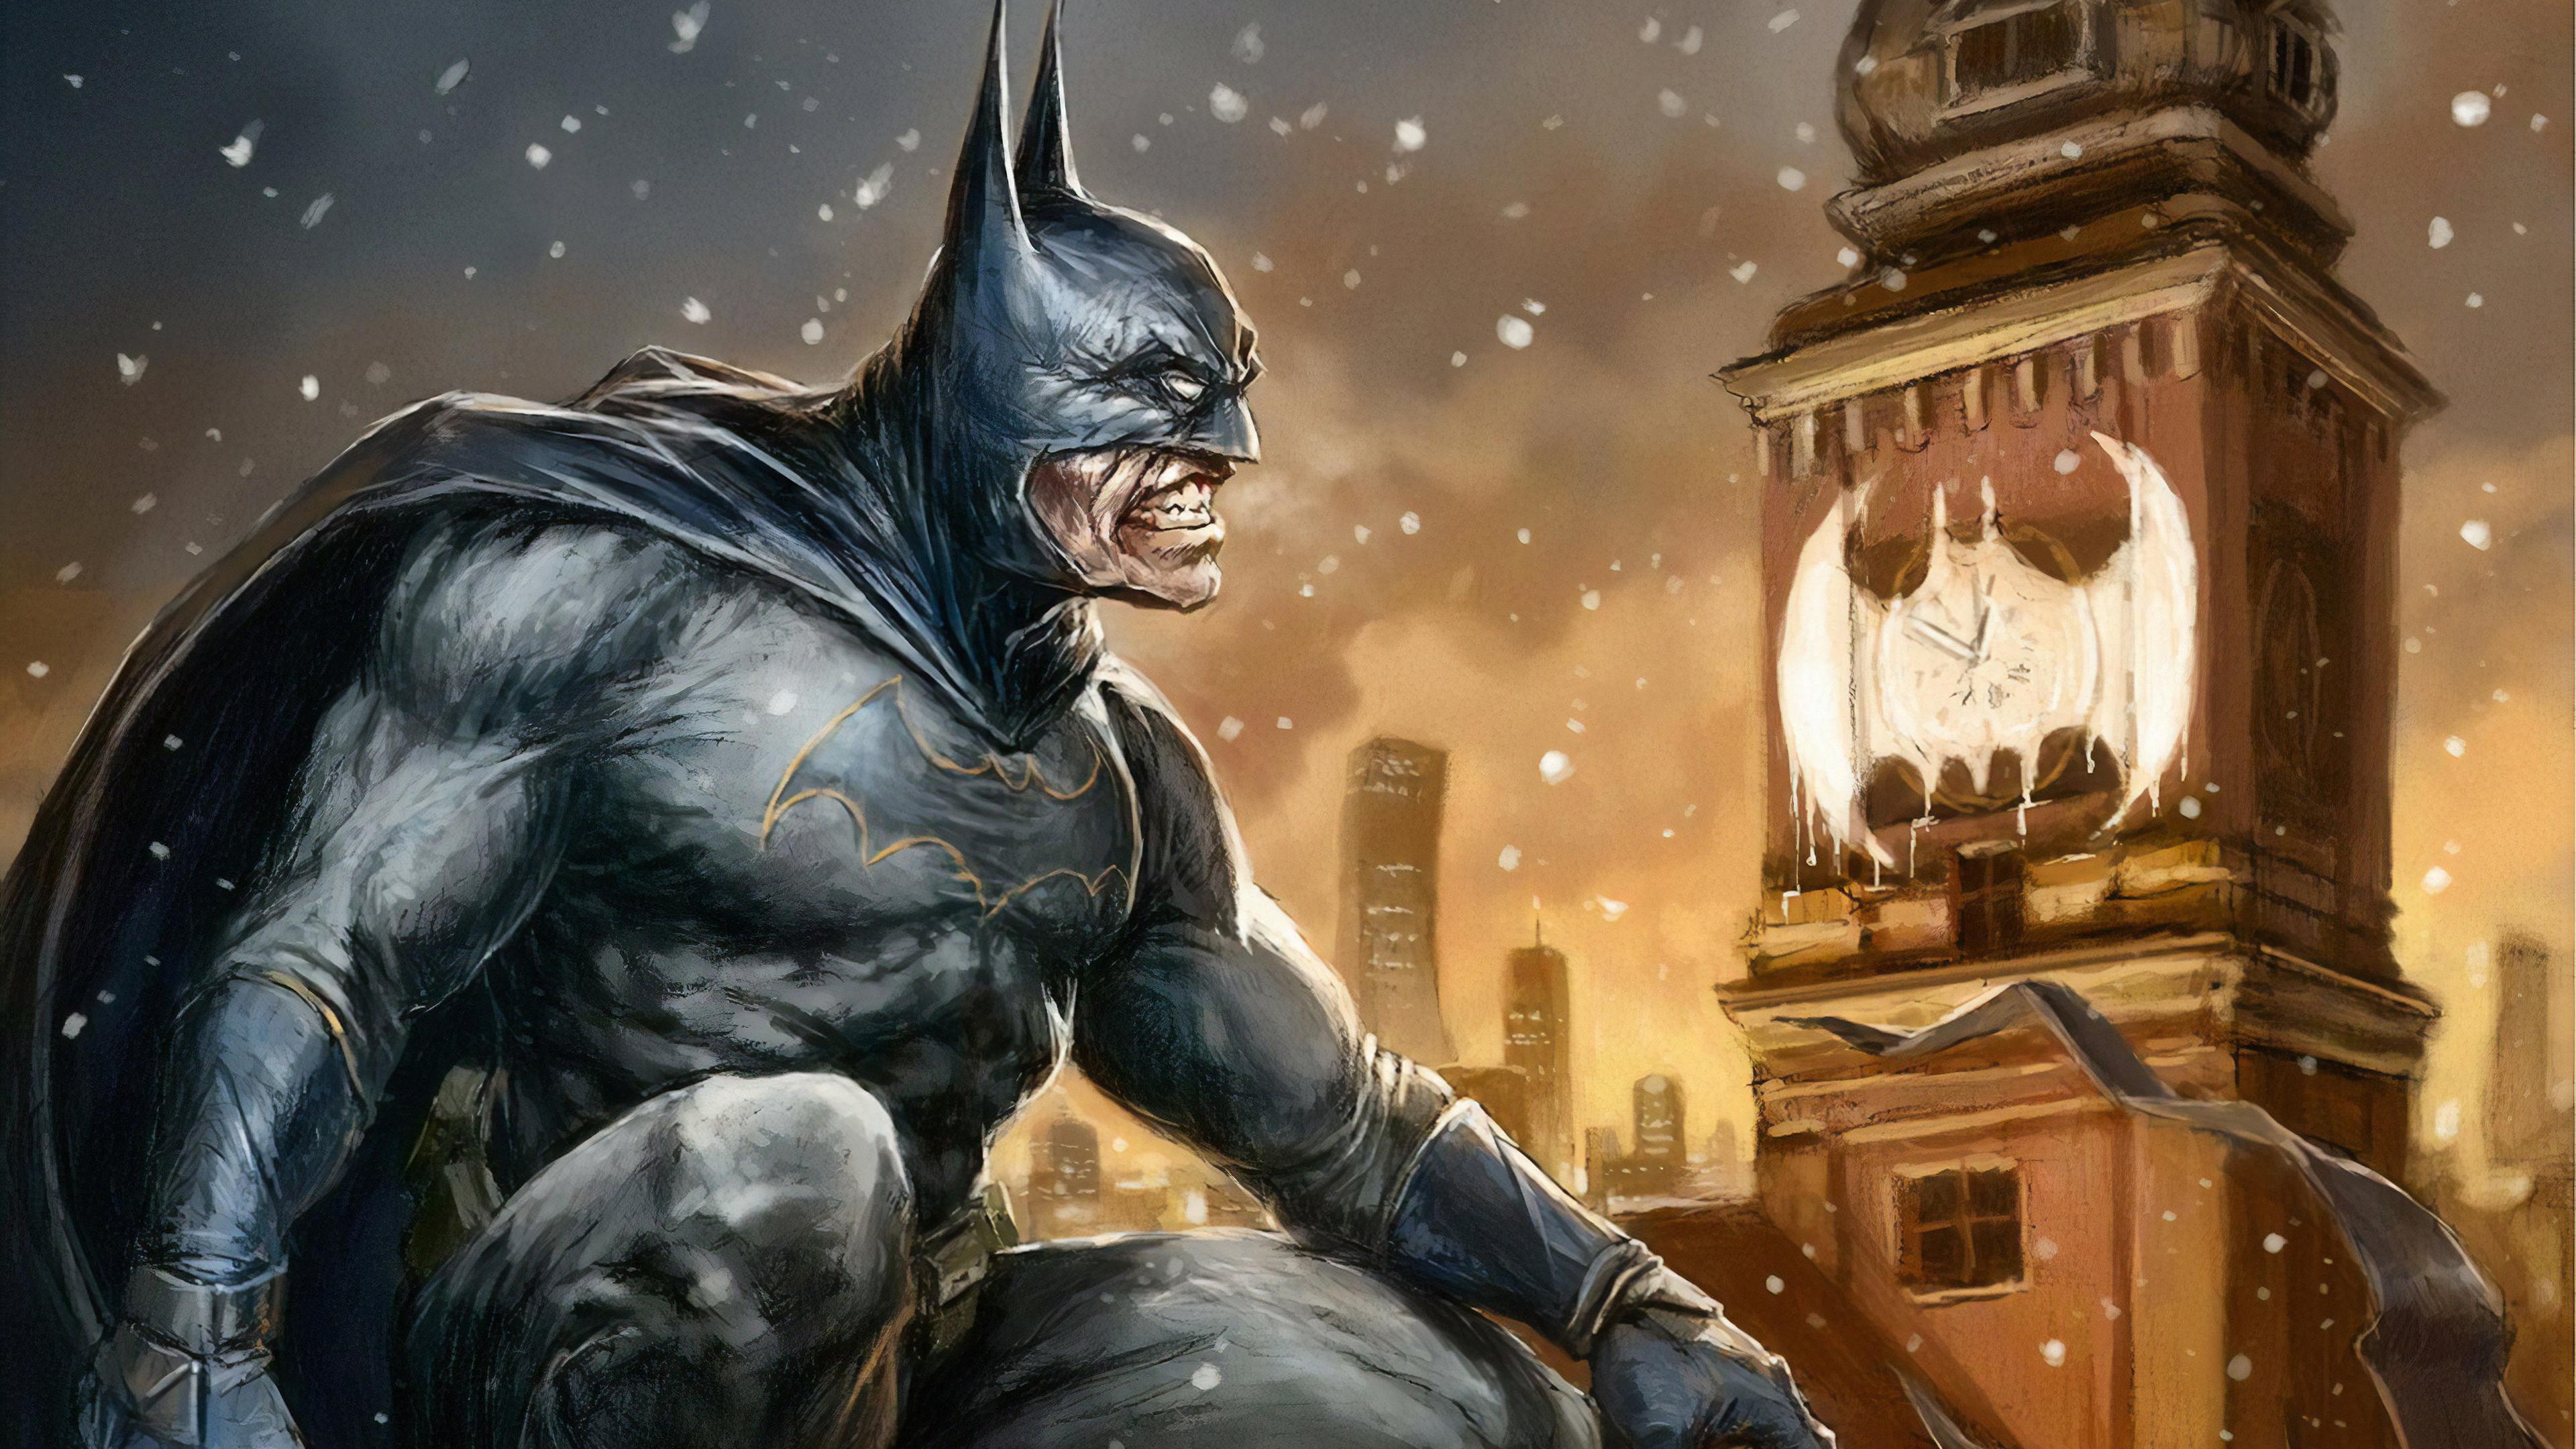 batman in paris 1570918323 - Batman In Paris - superheroes wallpapers, hd-wallpapers, digital art wallpapers, batman wallpapers, artwork wallpapers, artstation wallpapers, 4k-wallpapers